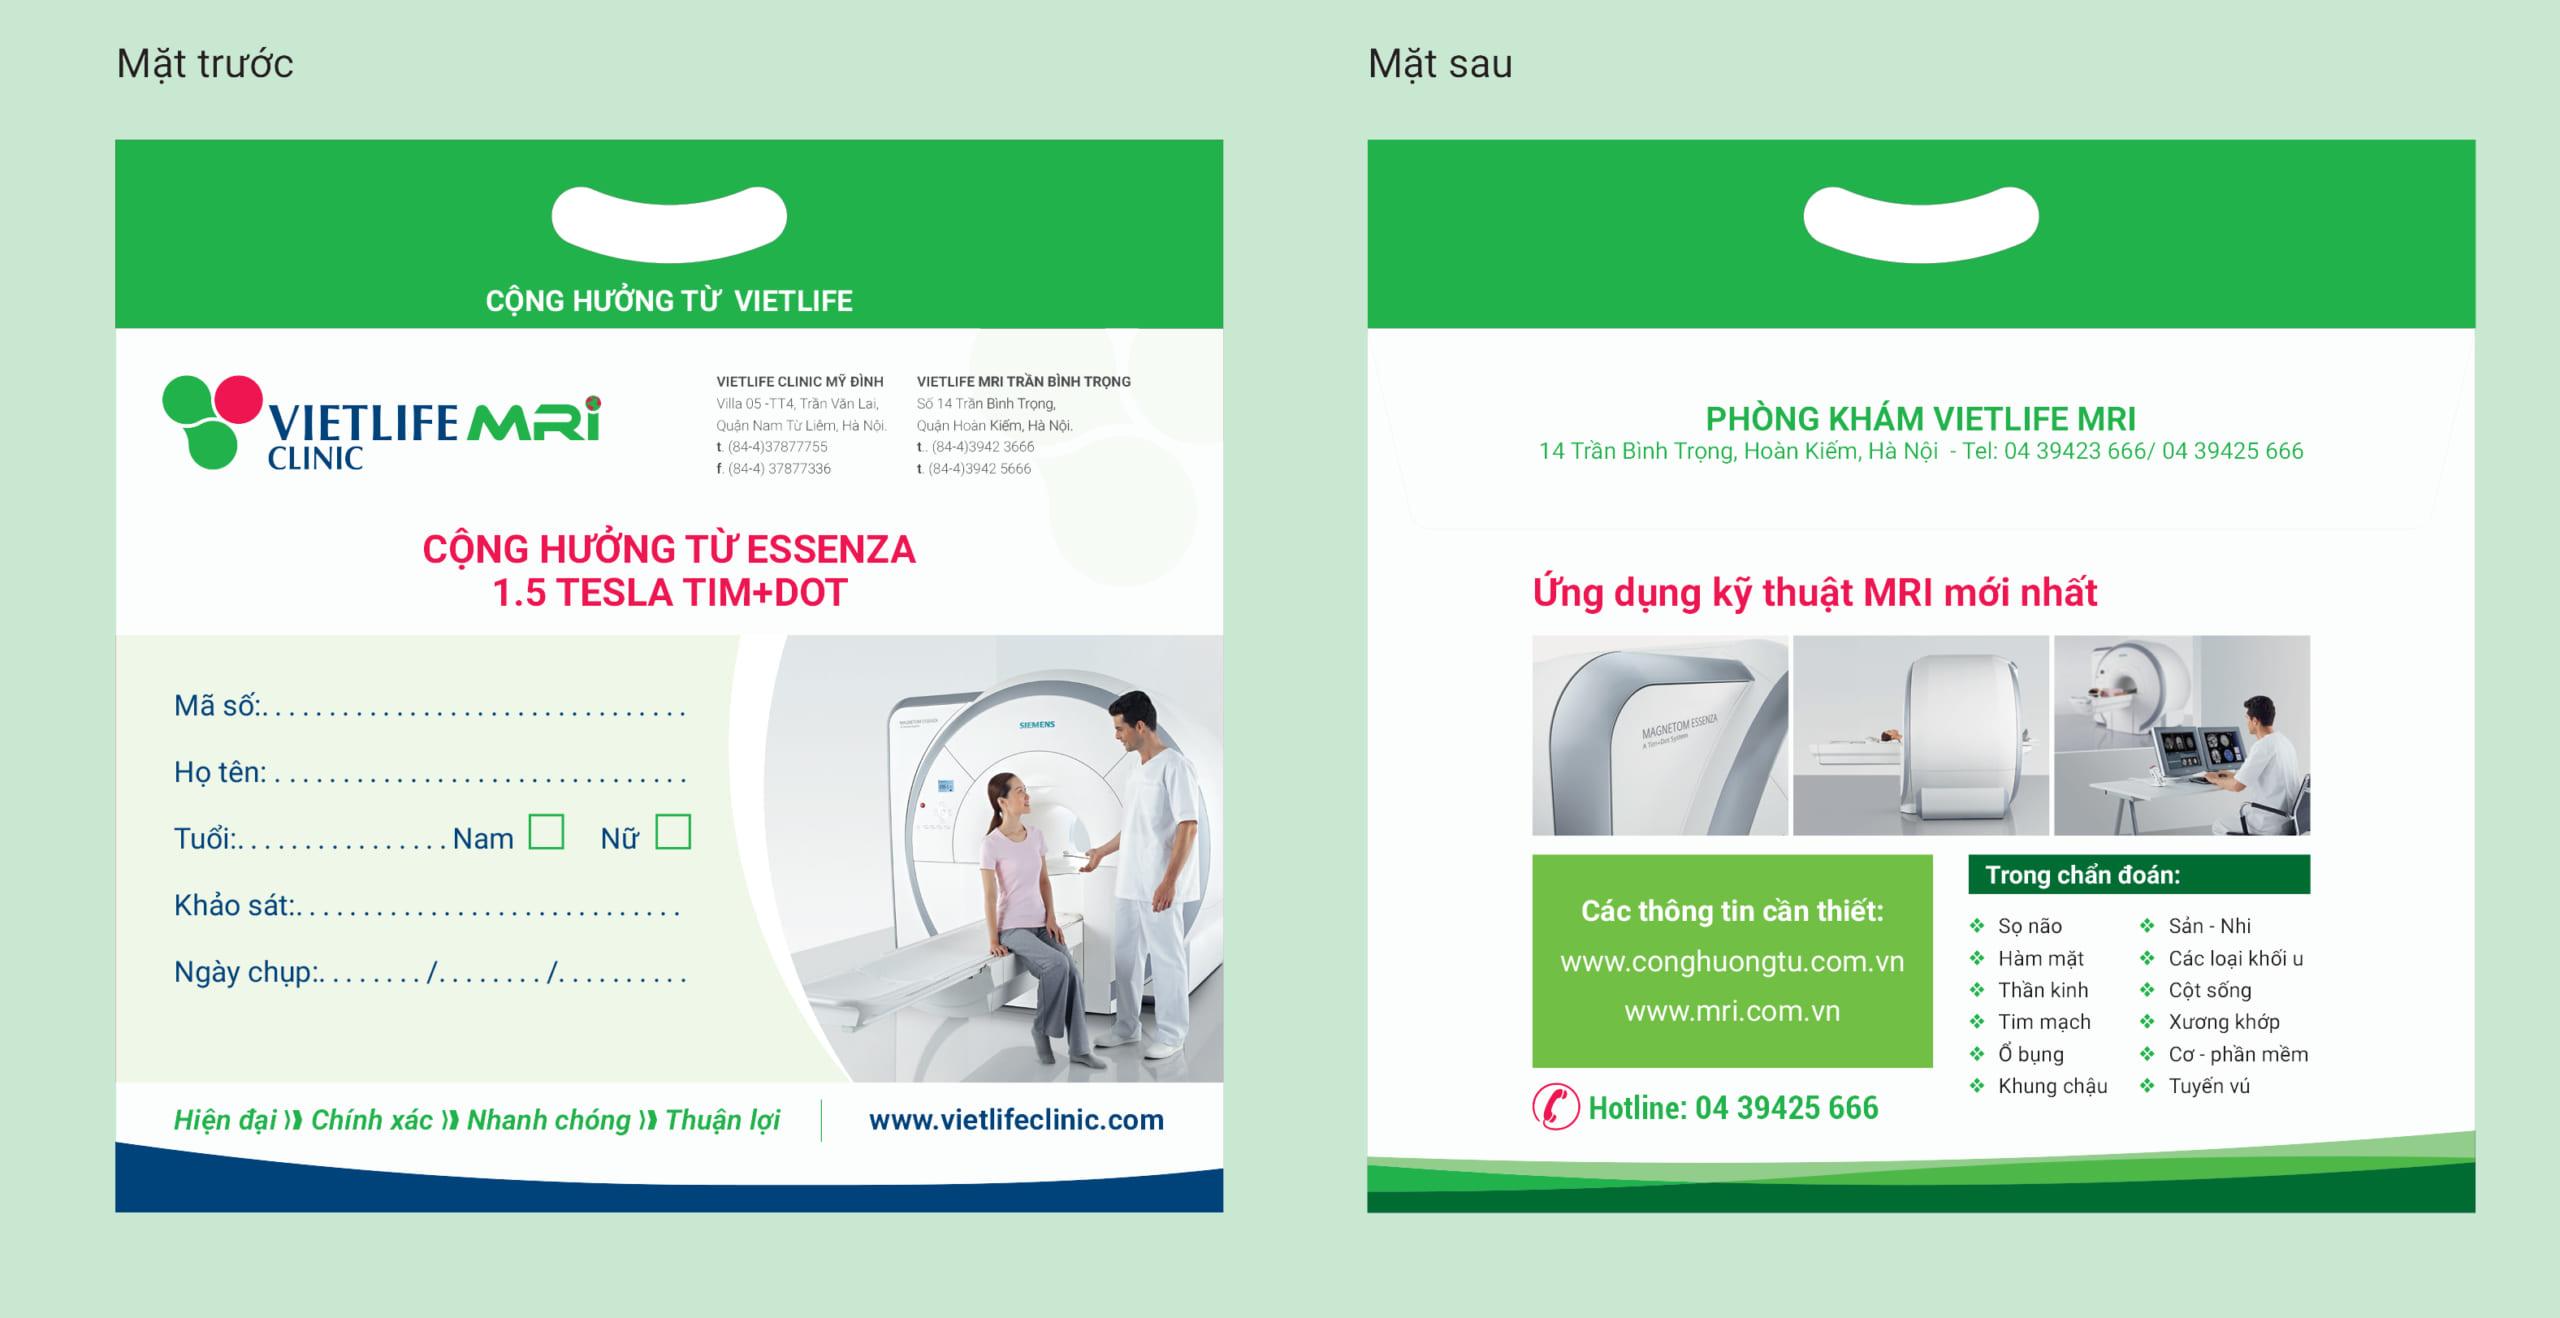 In túi MRI